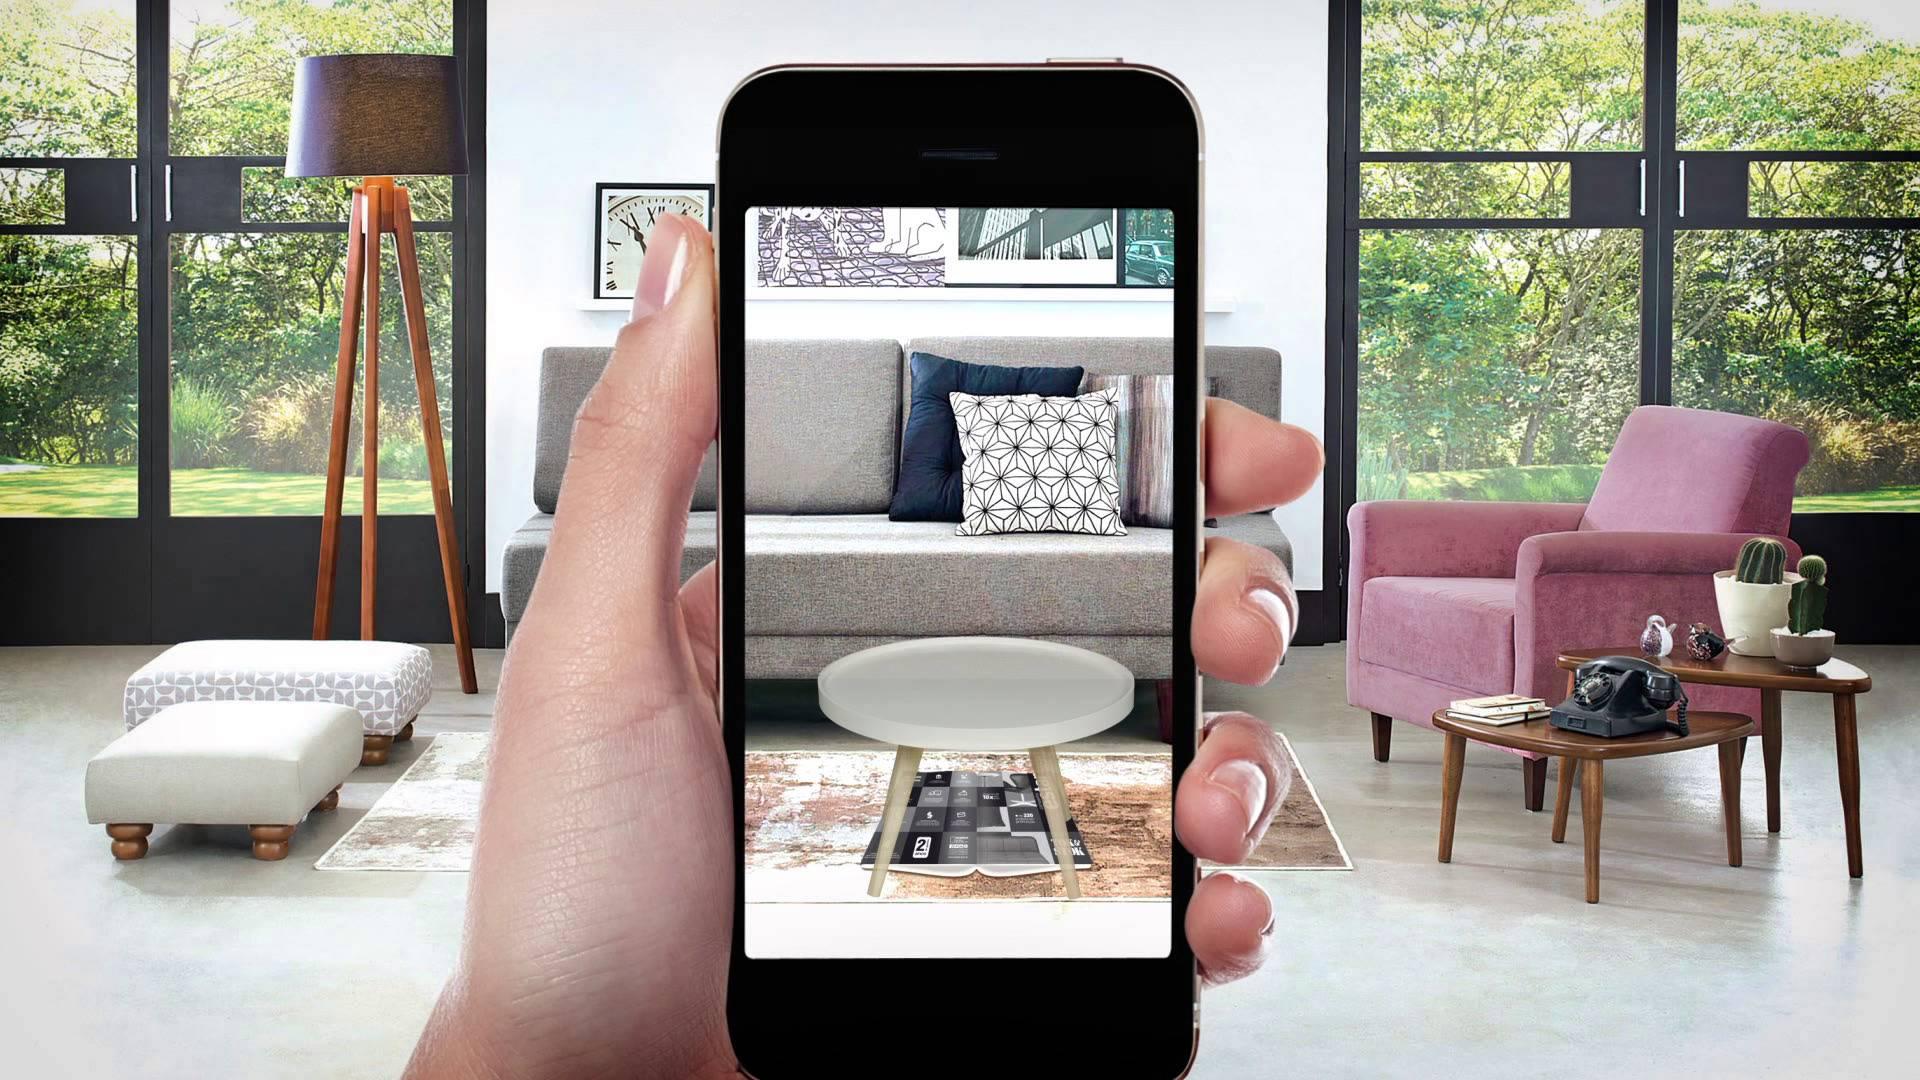 Casa & Construção: confira as principais tendências em marketing e novos negócios para quem investe neste setor